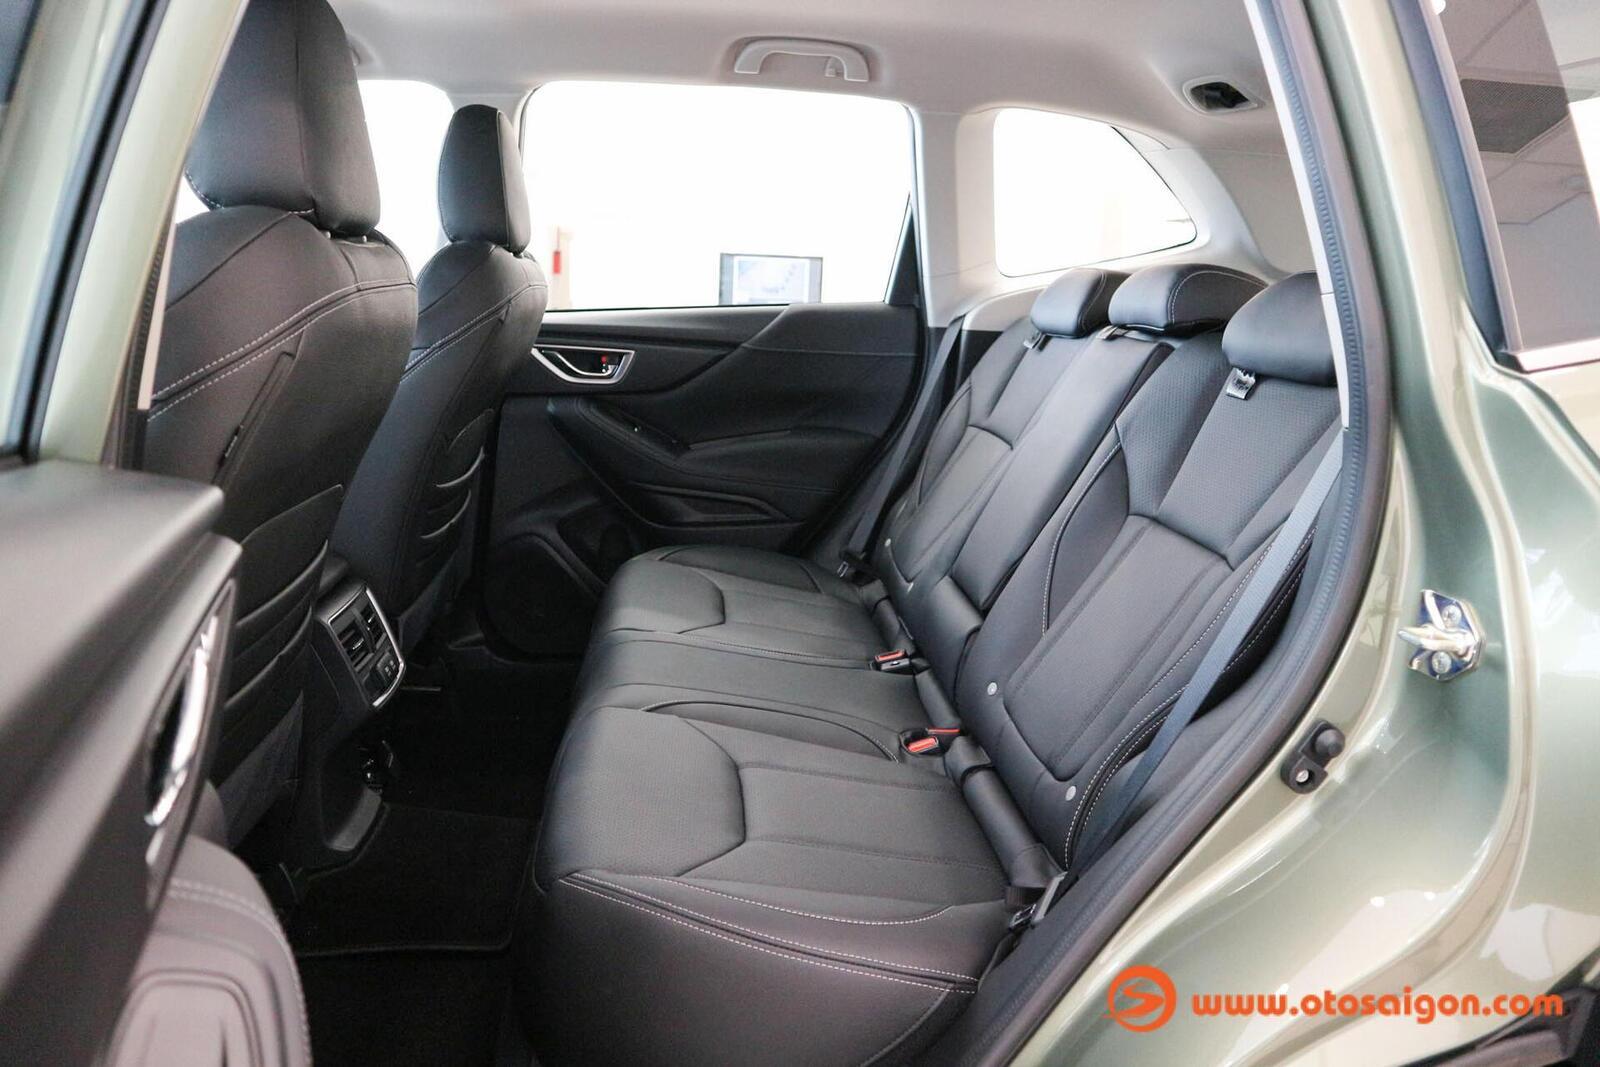 Cận cảnh Subaru Forester thế hệ mới nhập Thái sắp ra mắt tại Việt Nam | SUBARU - Hình 10